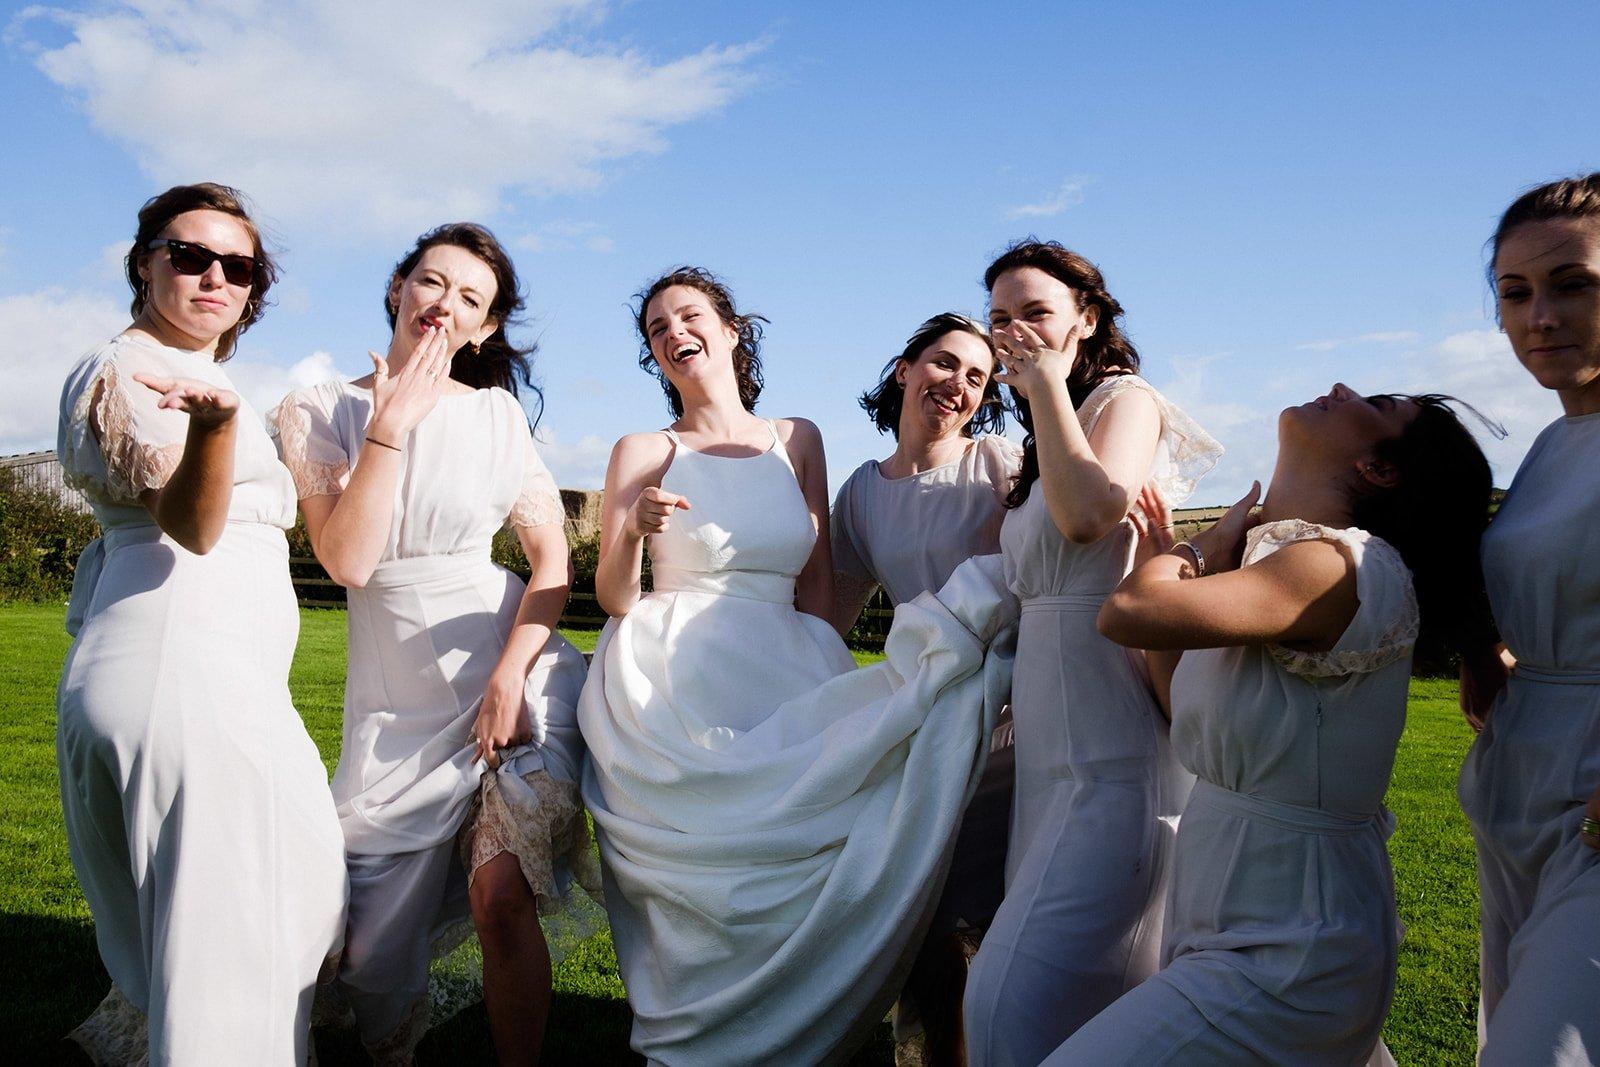 Eine Braut umgeben von ihren Brautjungfern beim Gruppenshooting in Köln